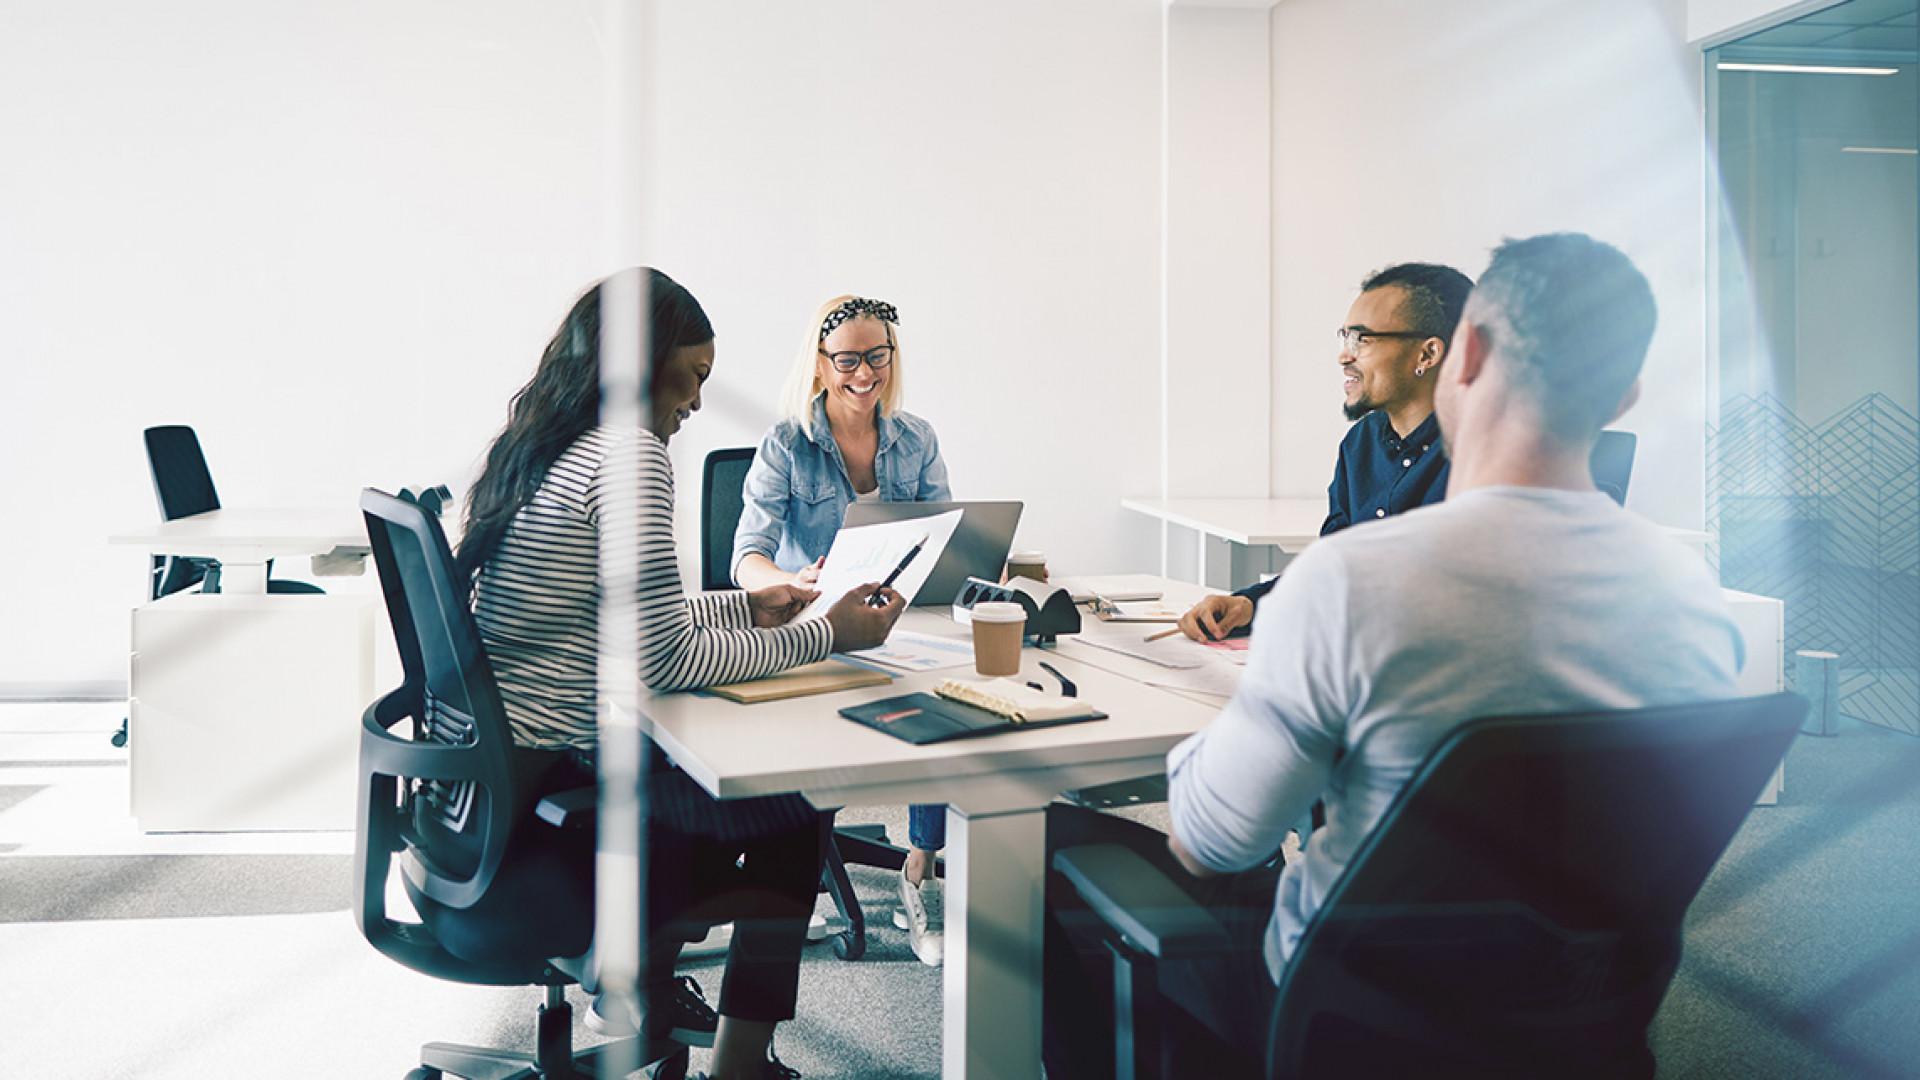 Sitzungen effizient und professionell gestalten